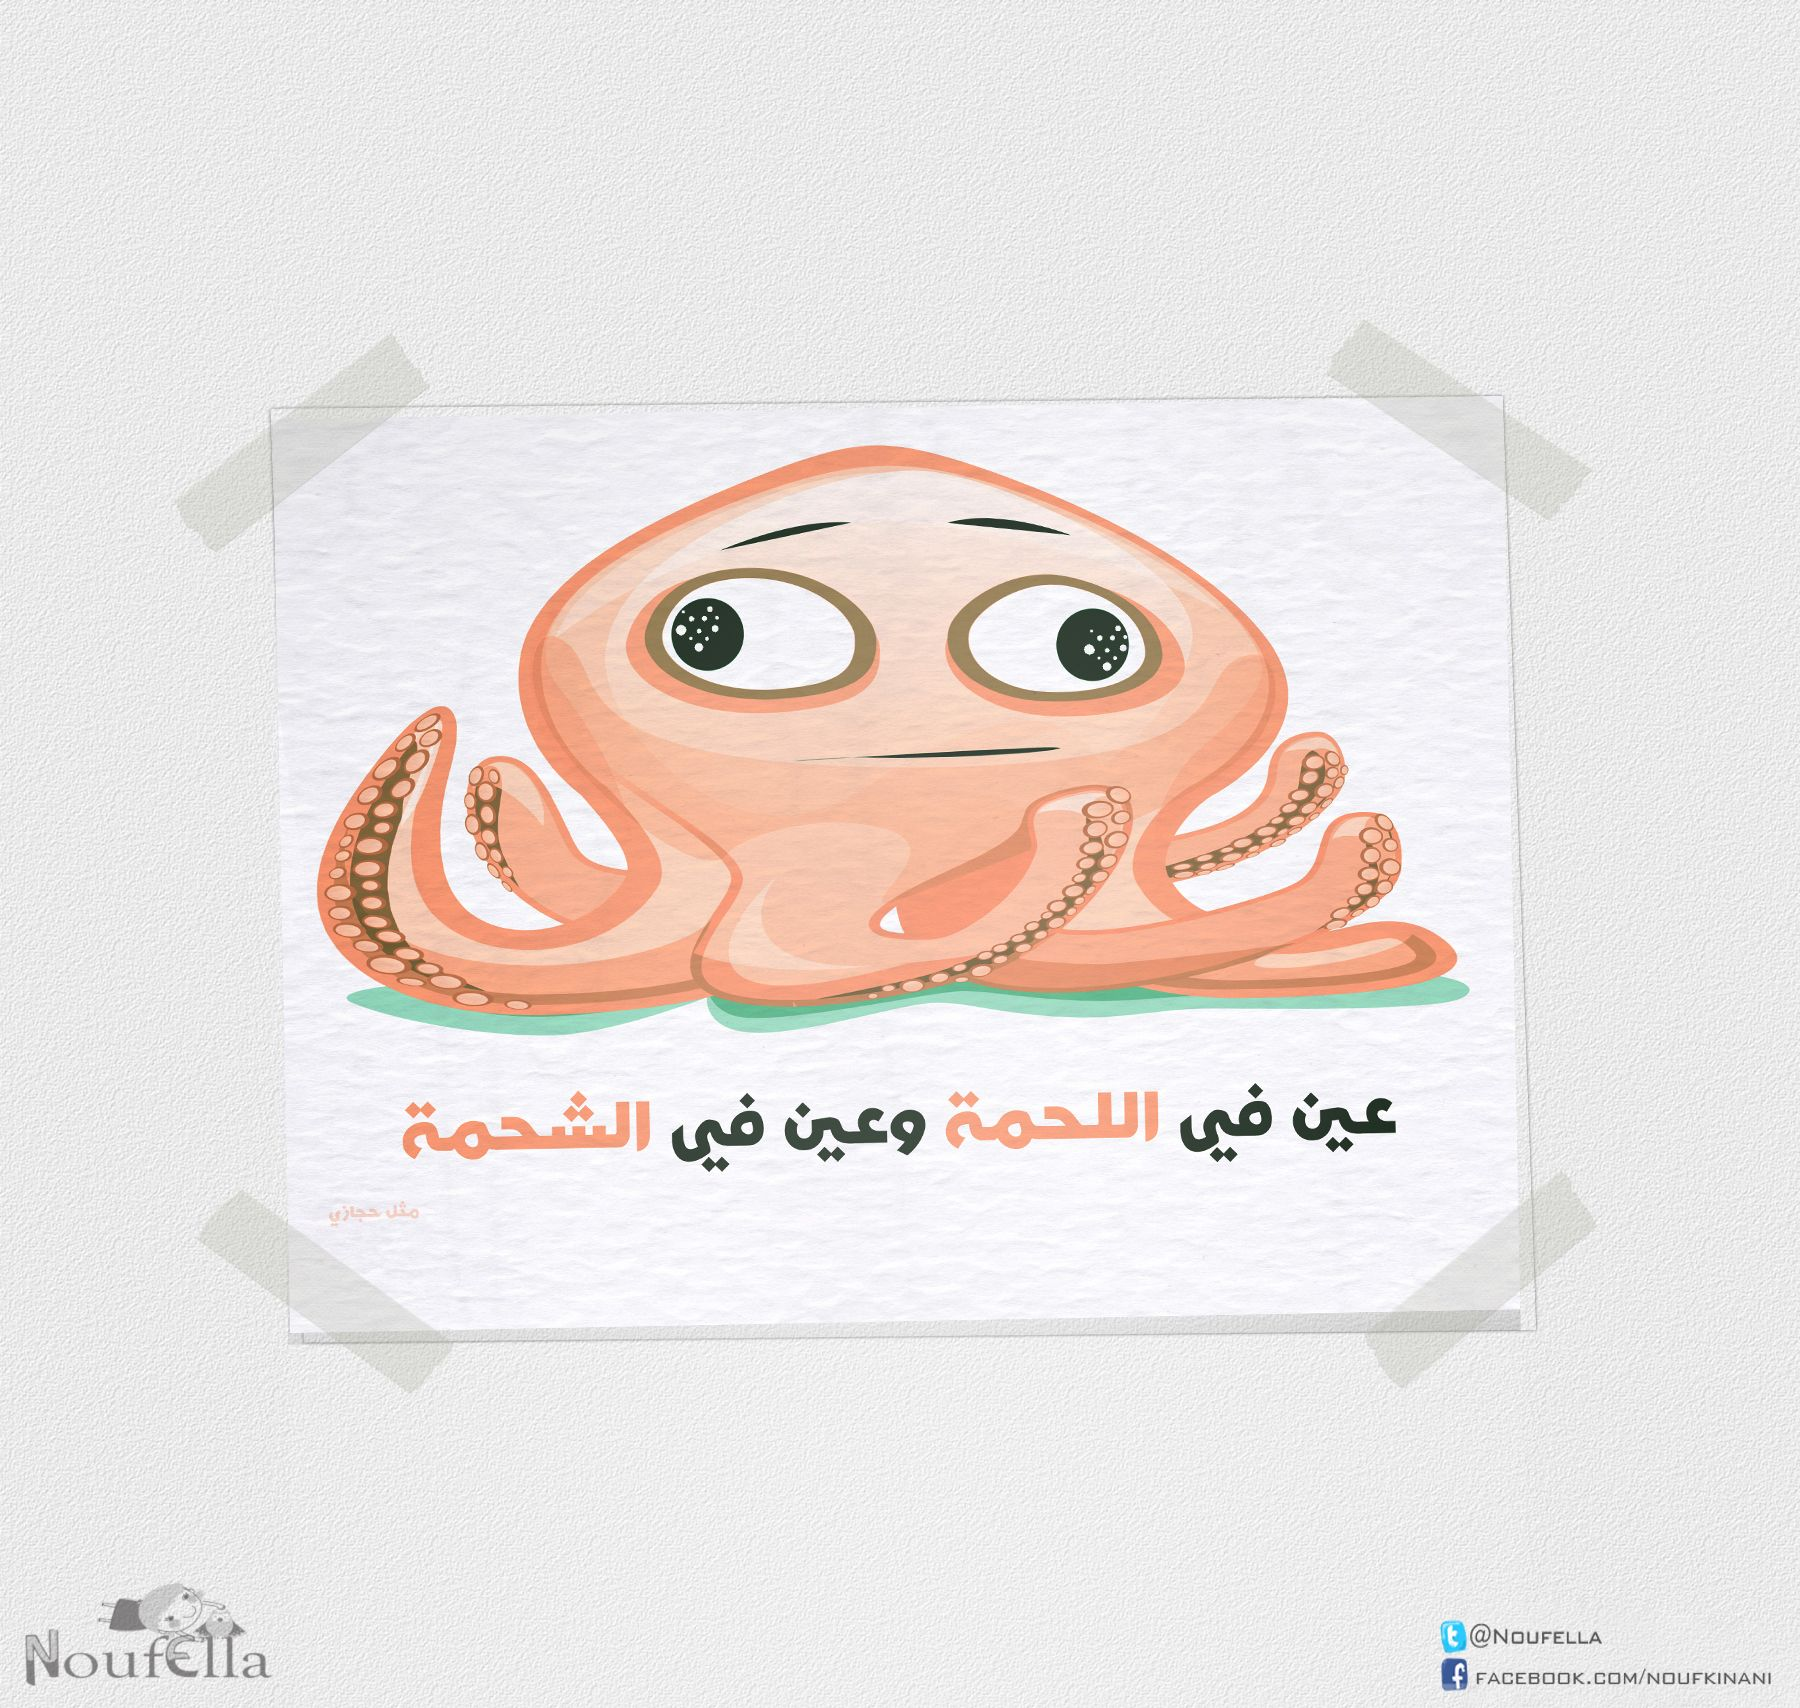 عين في اللحمة وعين في الشحمة Artist Nouf Alkinani Posters Art Prints Poster Prints Art Prints